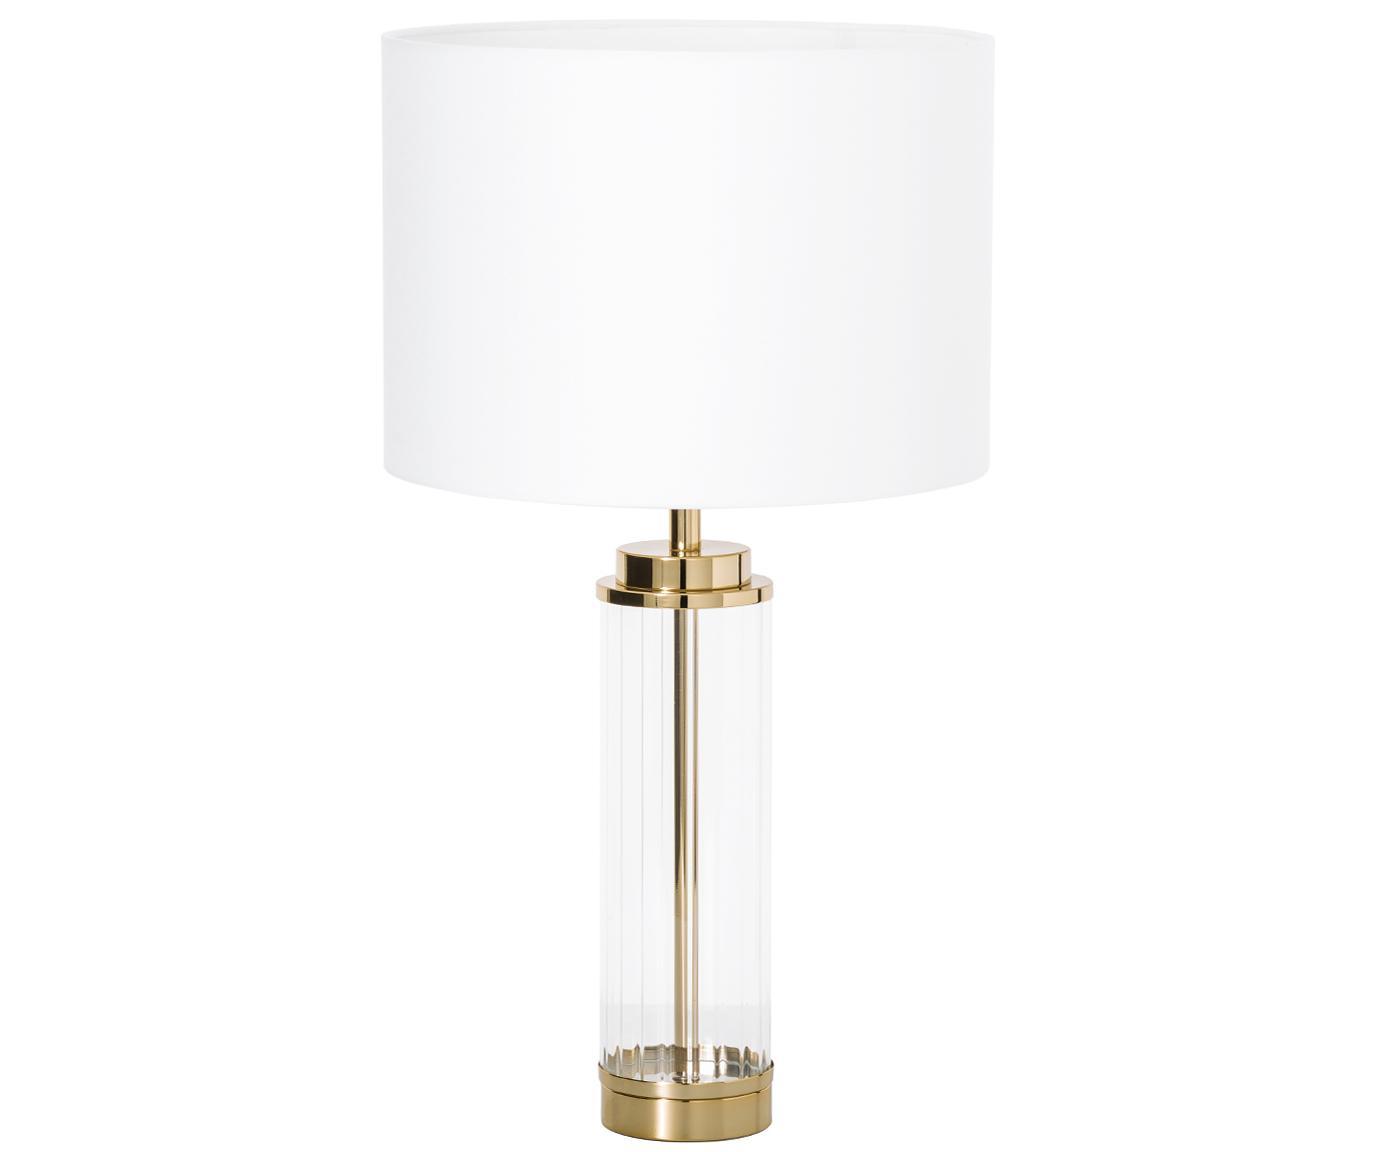 Klassische Tischleuchte Gabor, Lampenschirm: Textil, Lampenfuß: Metall, Glas, Lampenschirm: Creme.Lampenfuß: Goldfarben, Ø 35 x H 64 cm